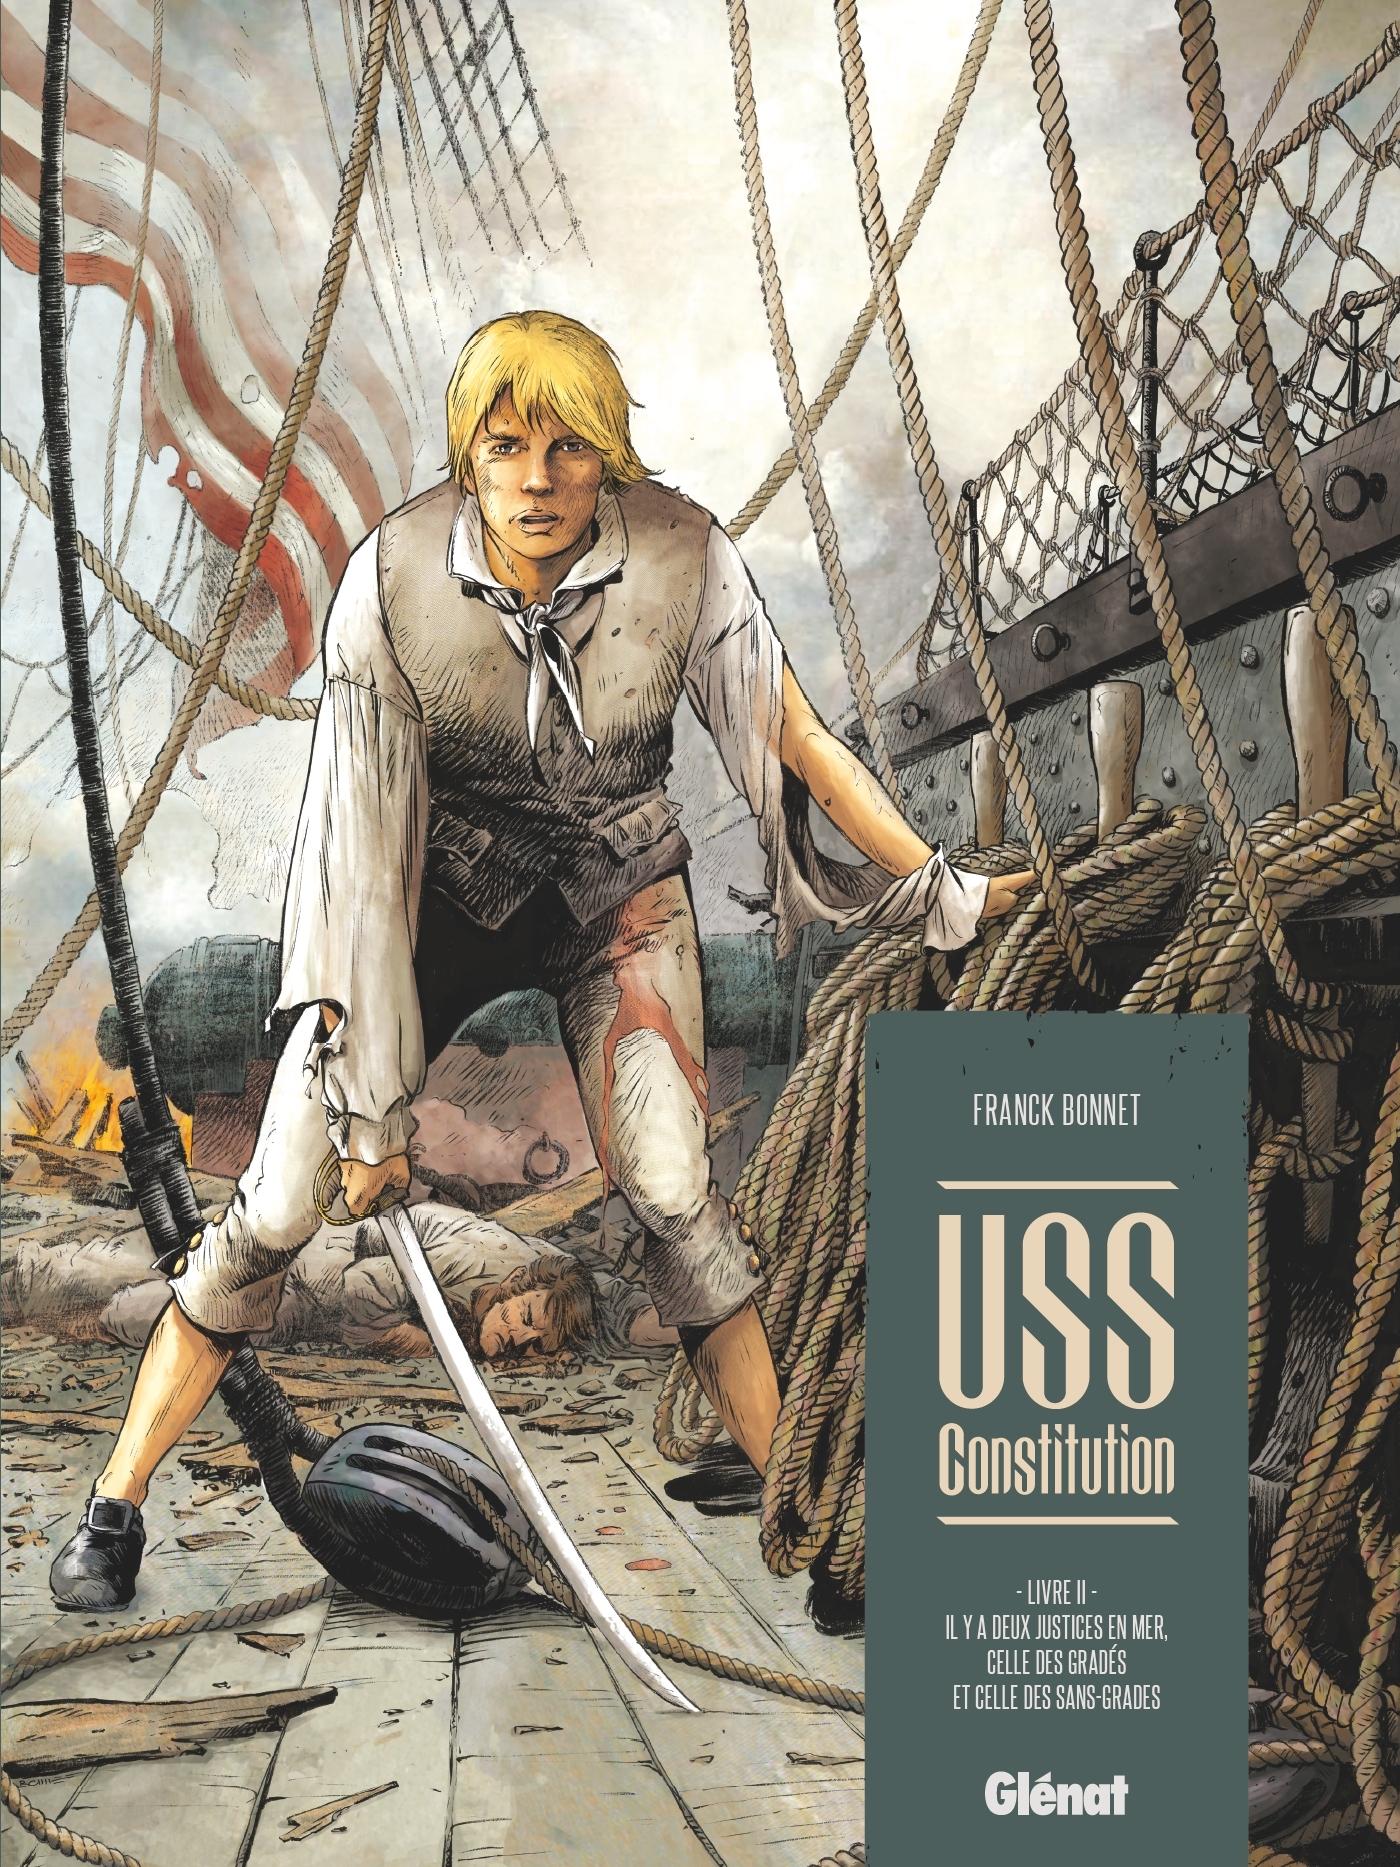 USS CONSTITUTION - TOME 02 - IL Y A DEUX JUSTICES EN MER, CELLE DES GRADES ET CELLE DES SANS-GRADES